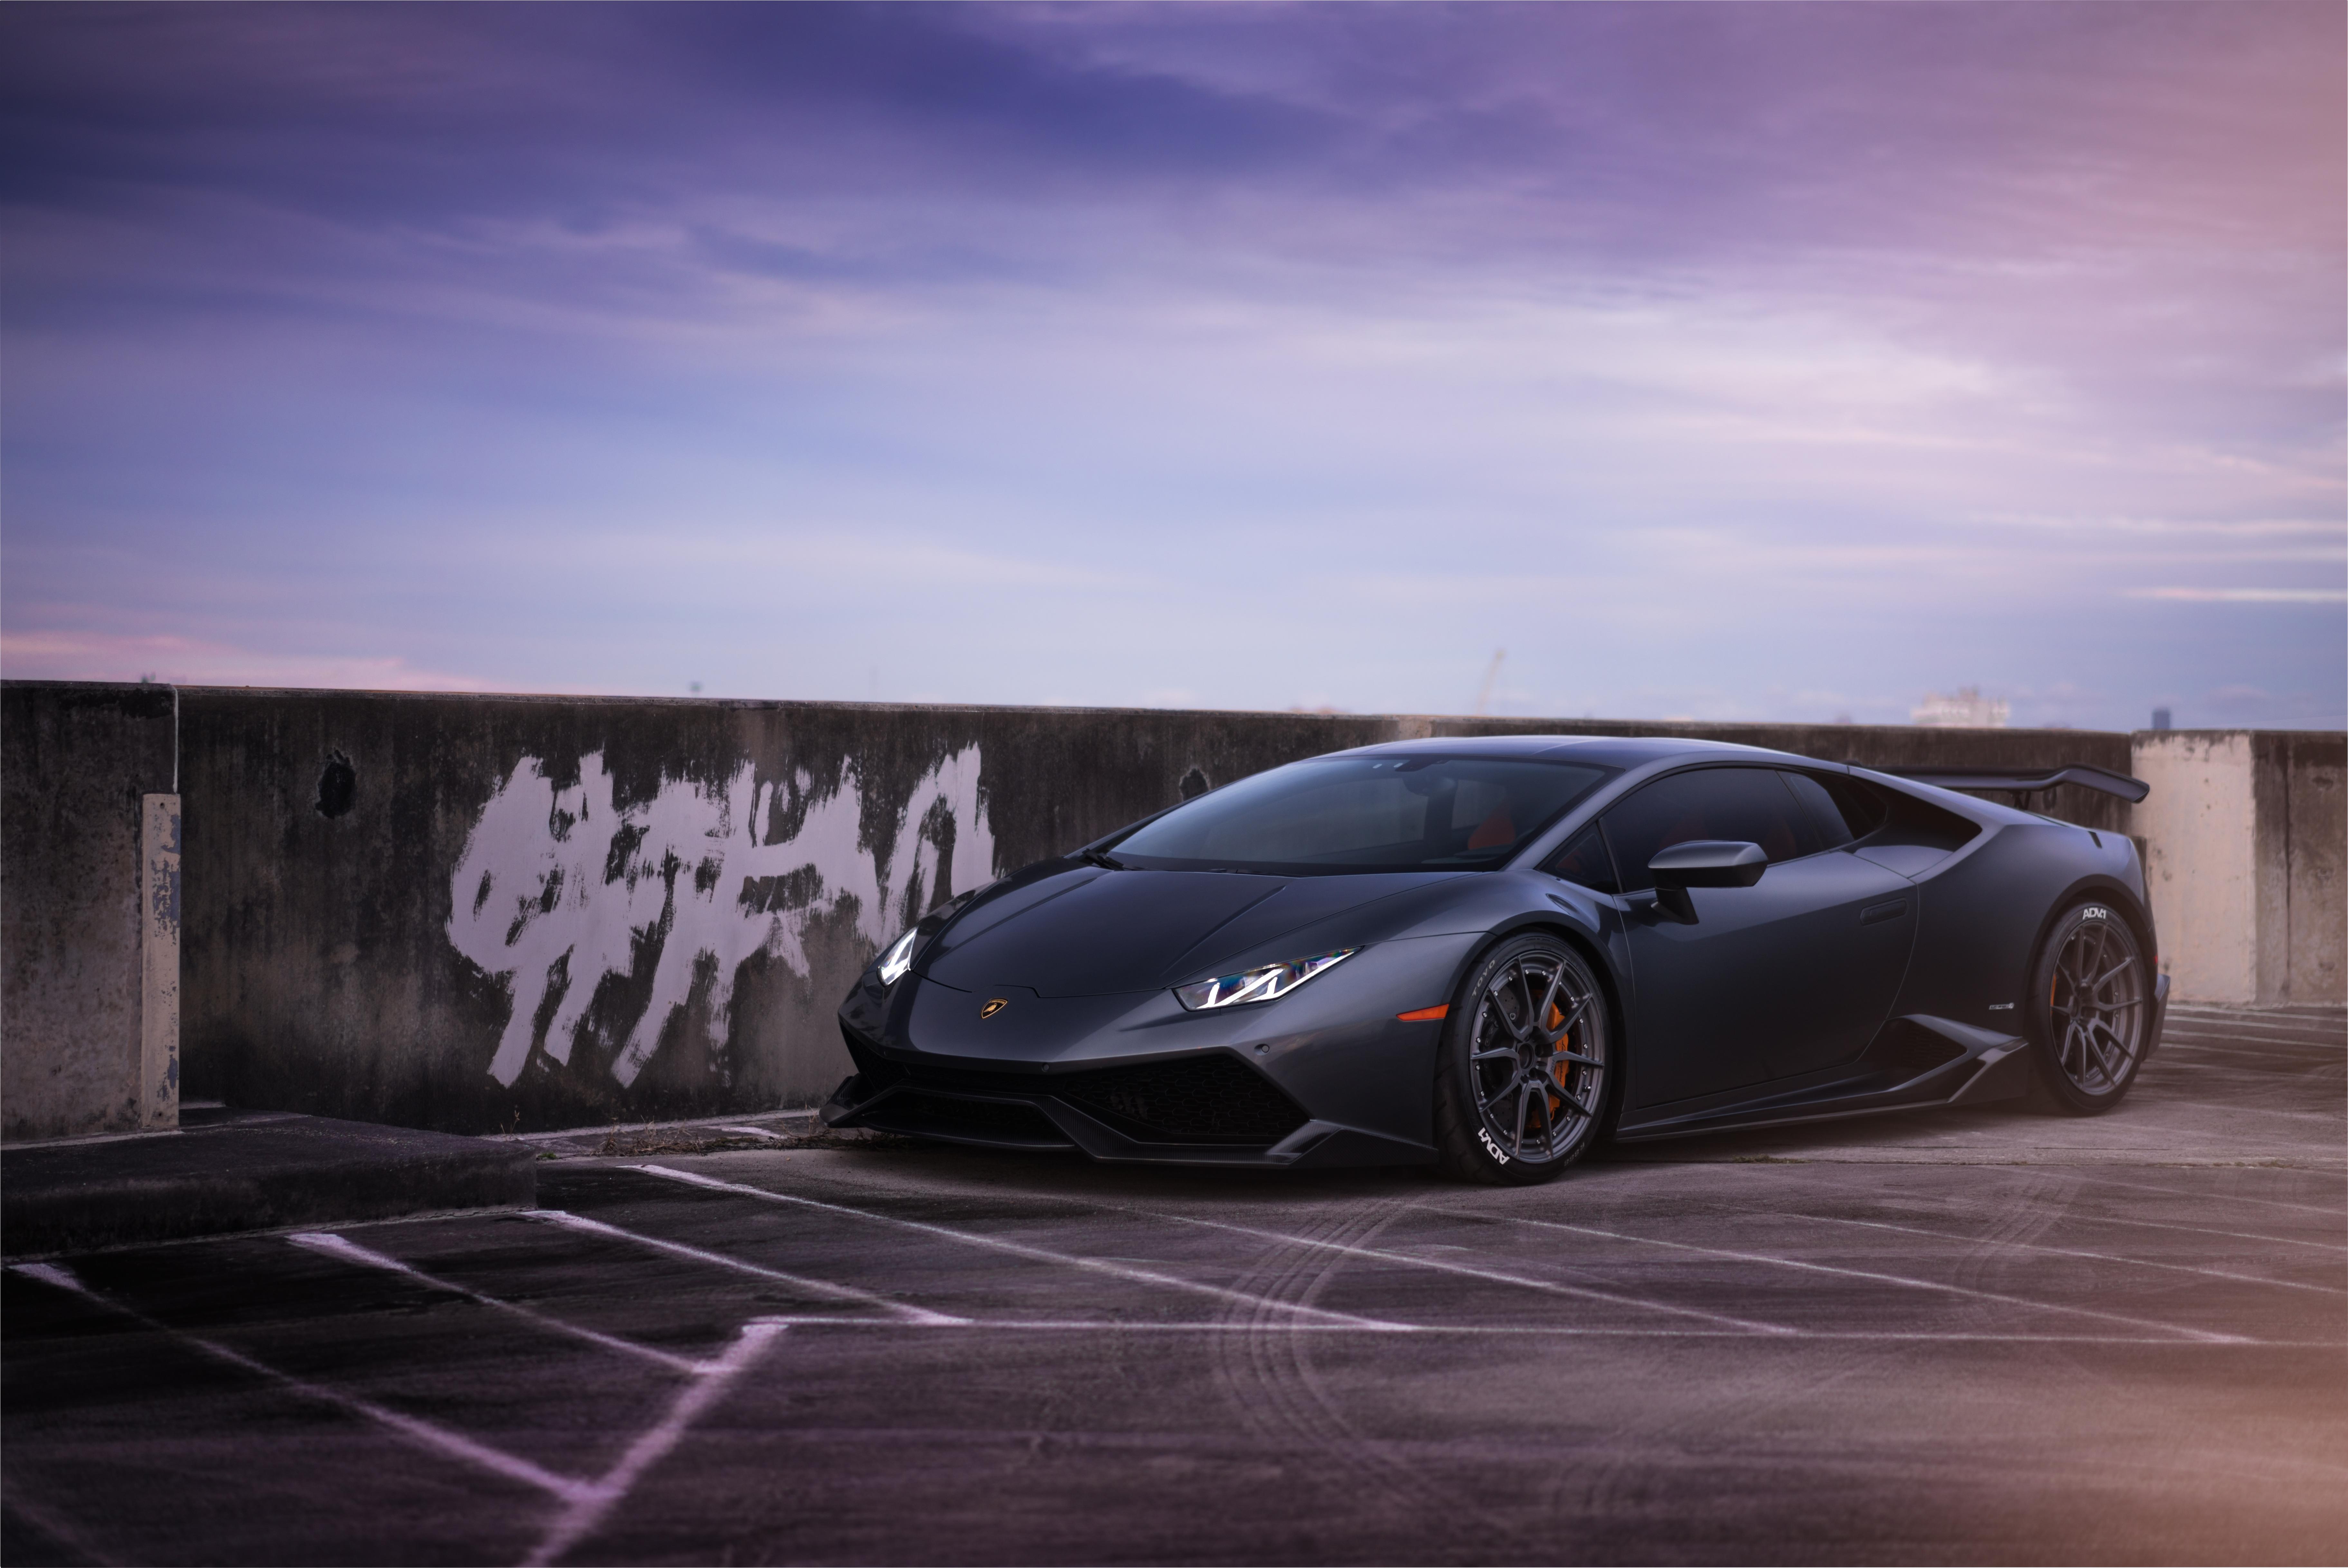 2019 lamborghini huracan adv wheels 1577652746 - 2019 Lamborghini Huracan Adv Wheels - 2019 Lamborghini Huracan Adv Wheels 4k wallpaper